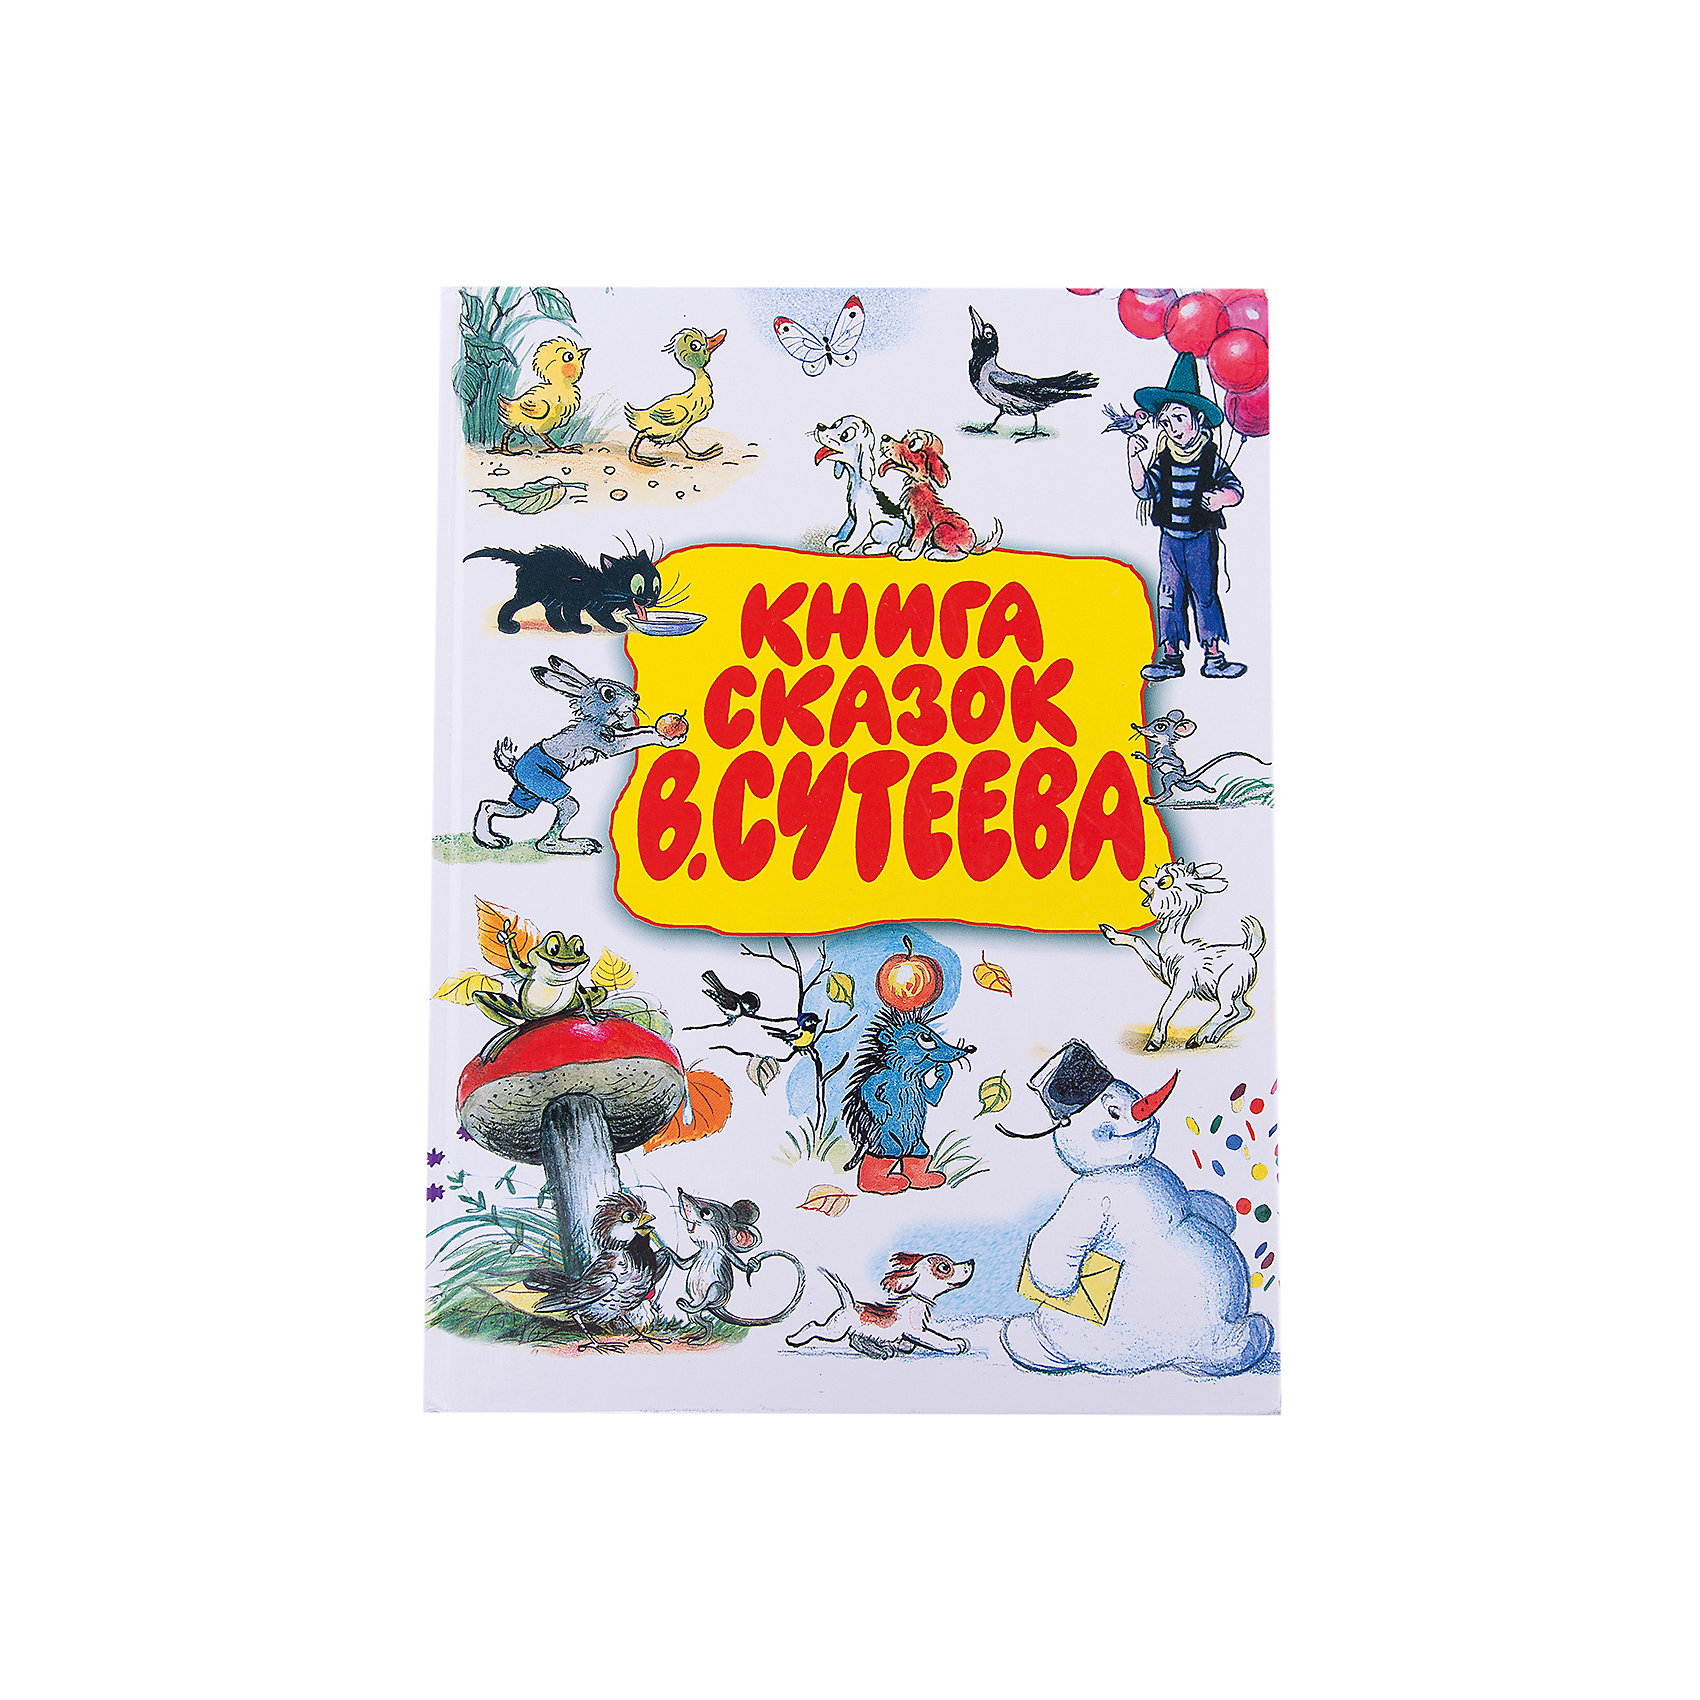 Книга сказок В.СутееваРусские сказки<br>Бывает так: работал человек художником.<br>Рисовал картинки к детским книжкам.<br>А потом стал рисовать мультфильмы.<br>А потом ещё и писать начал - сценарии<br>к мультфильмам.<br>А однажды по думал-подумал<br>и стал писателем, решив, что весёлых авторов намного<br>меньше, чем весёлых художников.<br>А может, всё дело было в его секрете:<br>ведь писал он правой рукой, а рисовал левой.<br>Хорошо, когда обе руки заняты делом!<br>Так о ком же это всё написано?<br>О художнике и писателе,<br>о сценаристе и кинорежиссёре -<br>Владимире Григорьевиче Сутееве!<br>Вот такой он разный в нашей книге сказок!<br><br>Ширина мм: 280<br>Глубина мм: 210<br>Высота мм: 250<br>Вес г: 1060<br>Возраст от месяцев: 12<br>Возраст до месяцев: 36<br>Пол: Унисекс<br>Возраст: Детский<br>SKU: 6848260